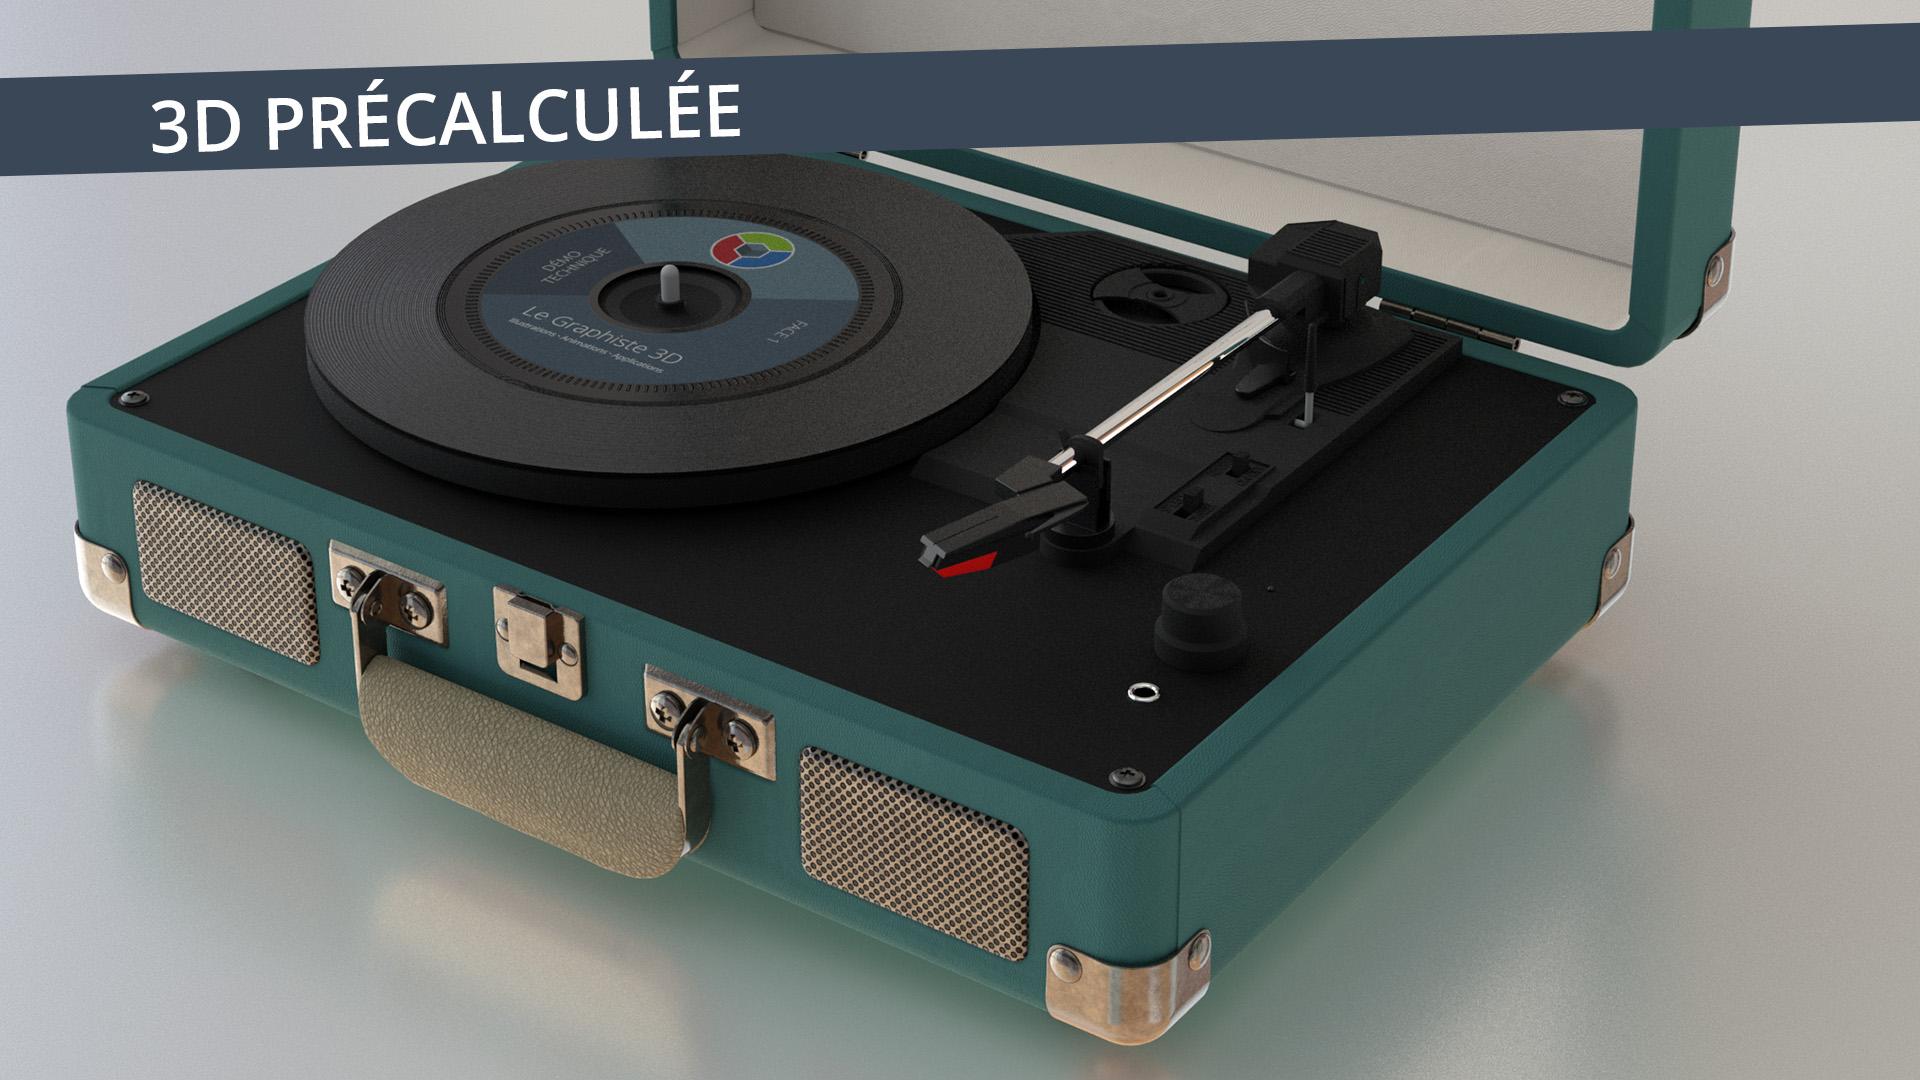 3D précalculée - Tourne-disque - Le Graphiste 3D